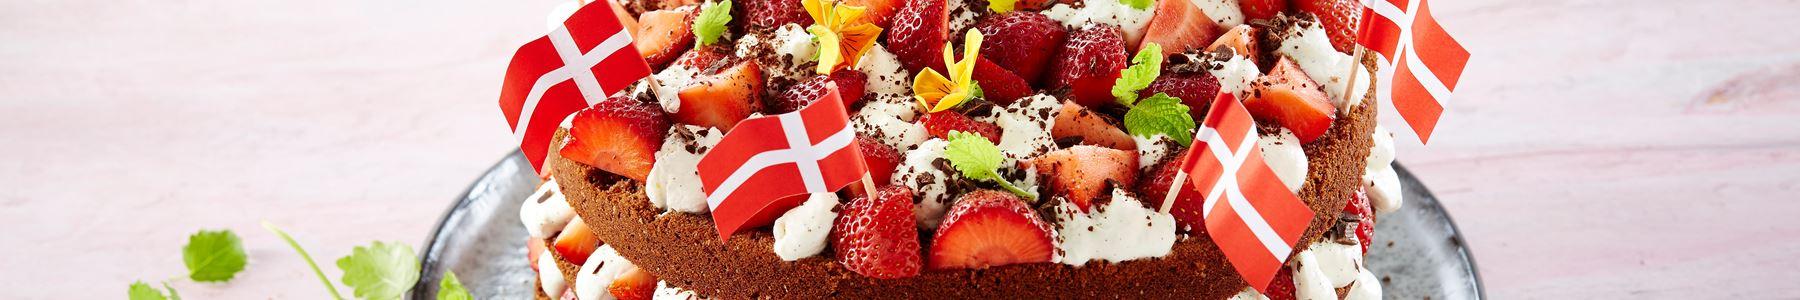 Lagkager + Chokolade